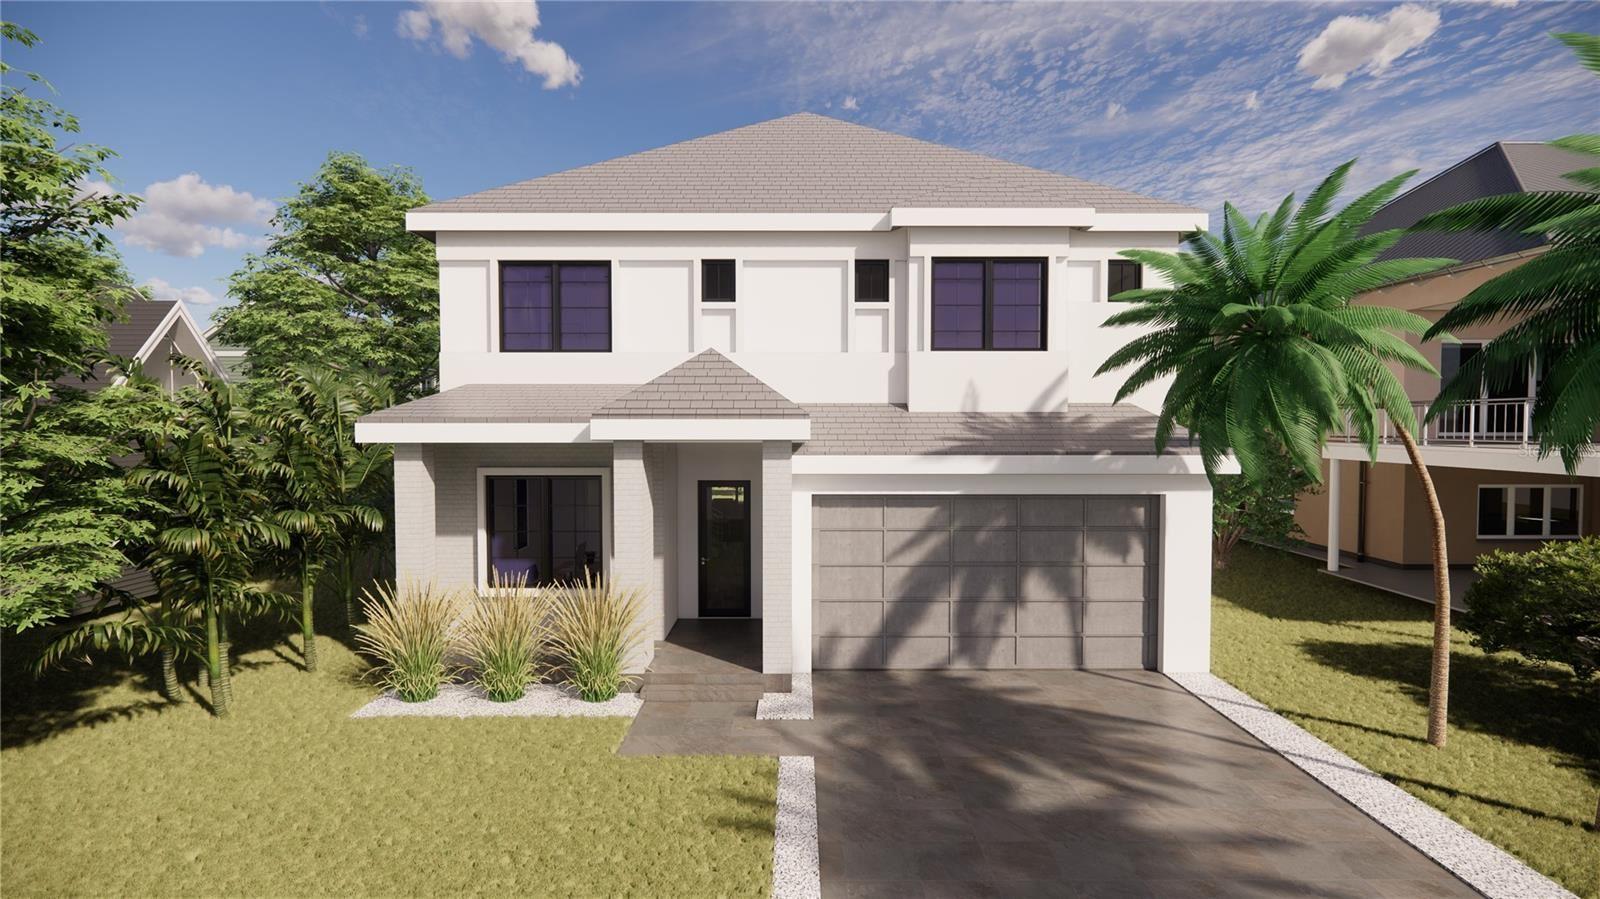 4109 W INMAN AVENUE, Tampa, FL 33609 - MLS#: T3311660